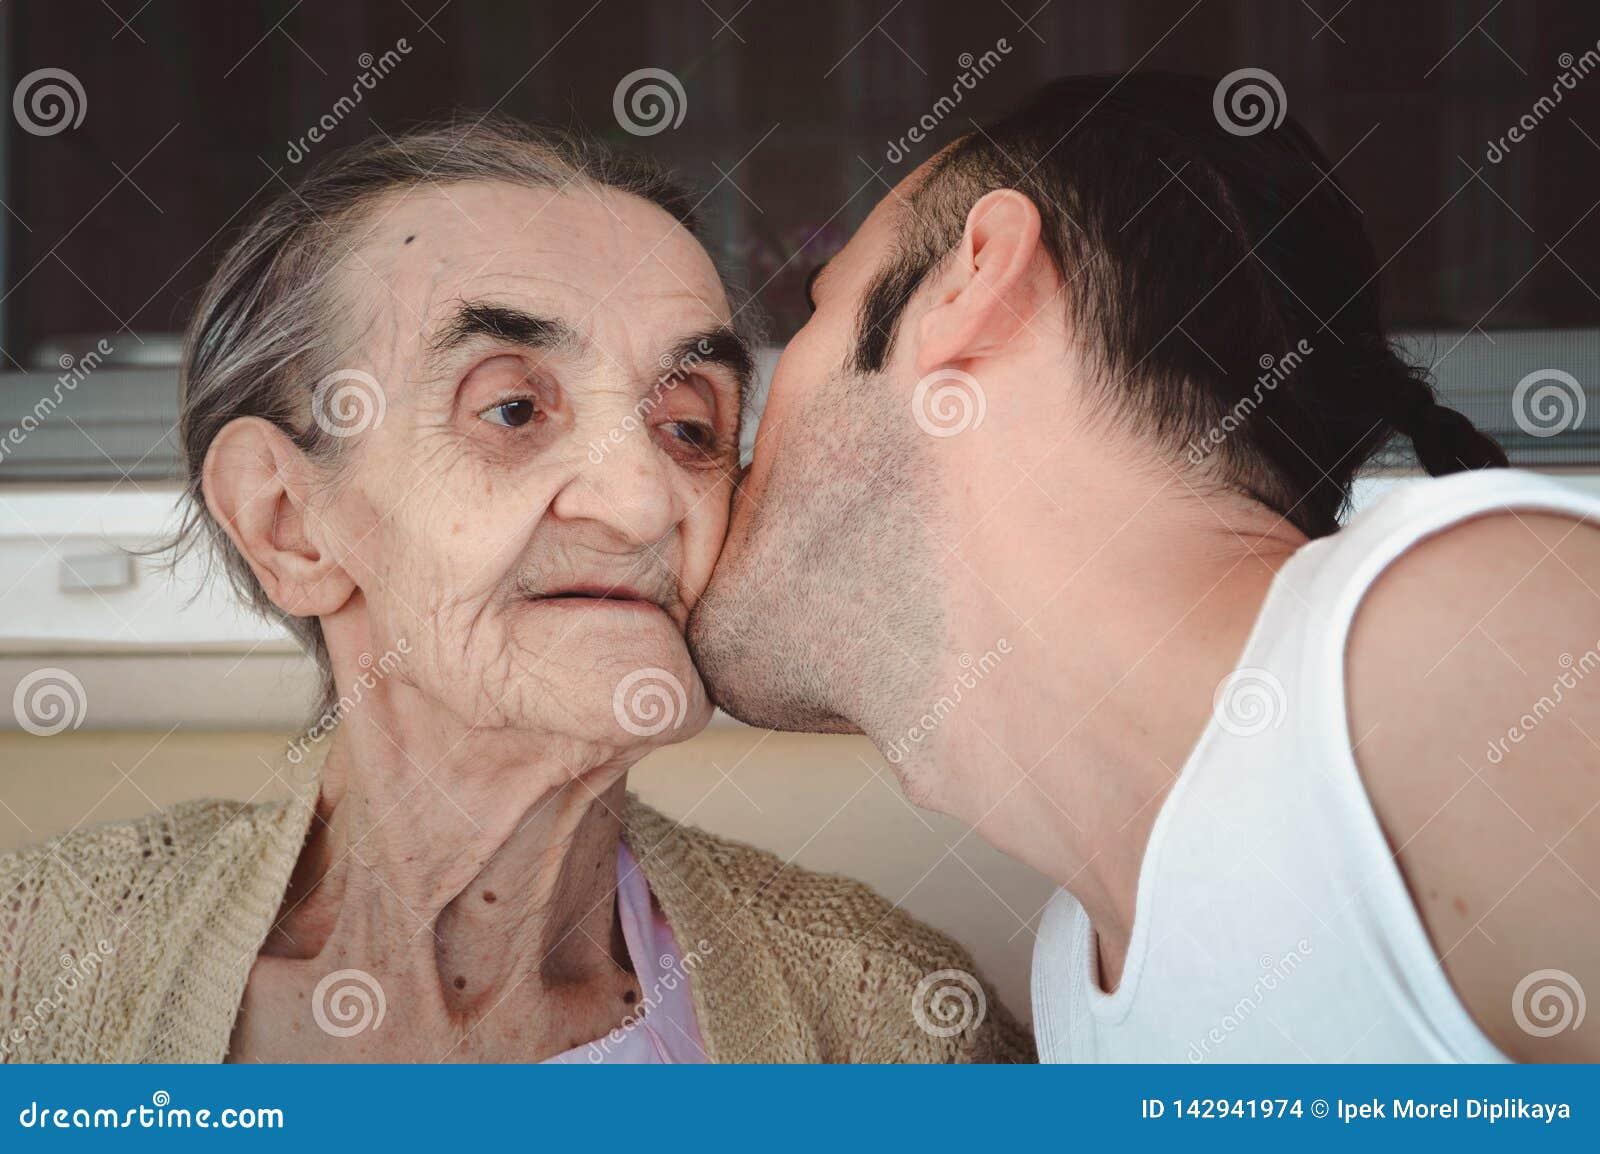 Grandsond embrassant la joue de sa grand-maman, montrant son respect et amour